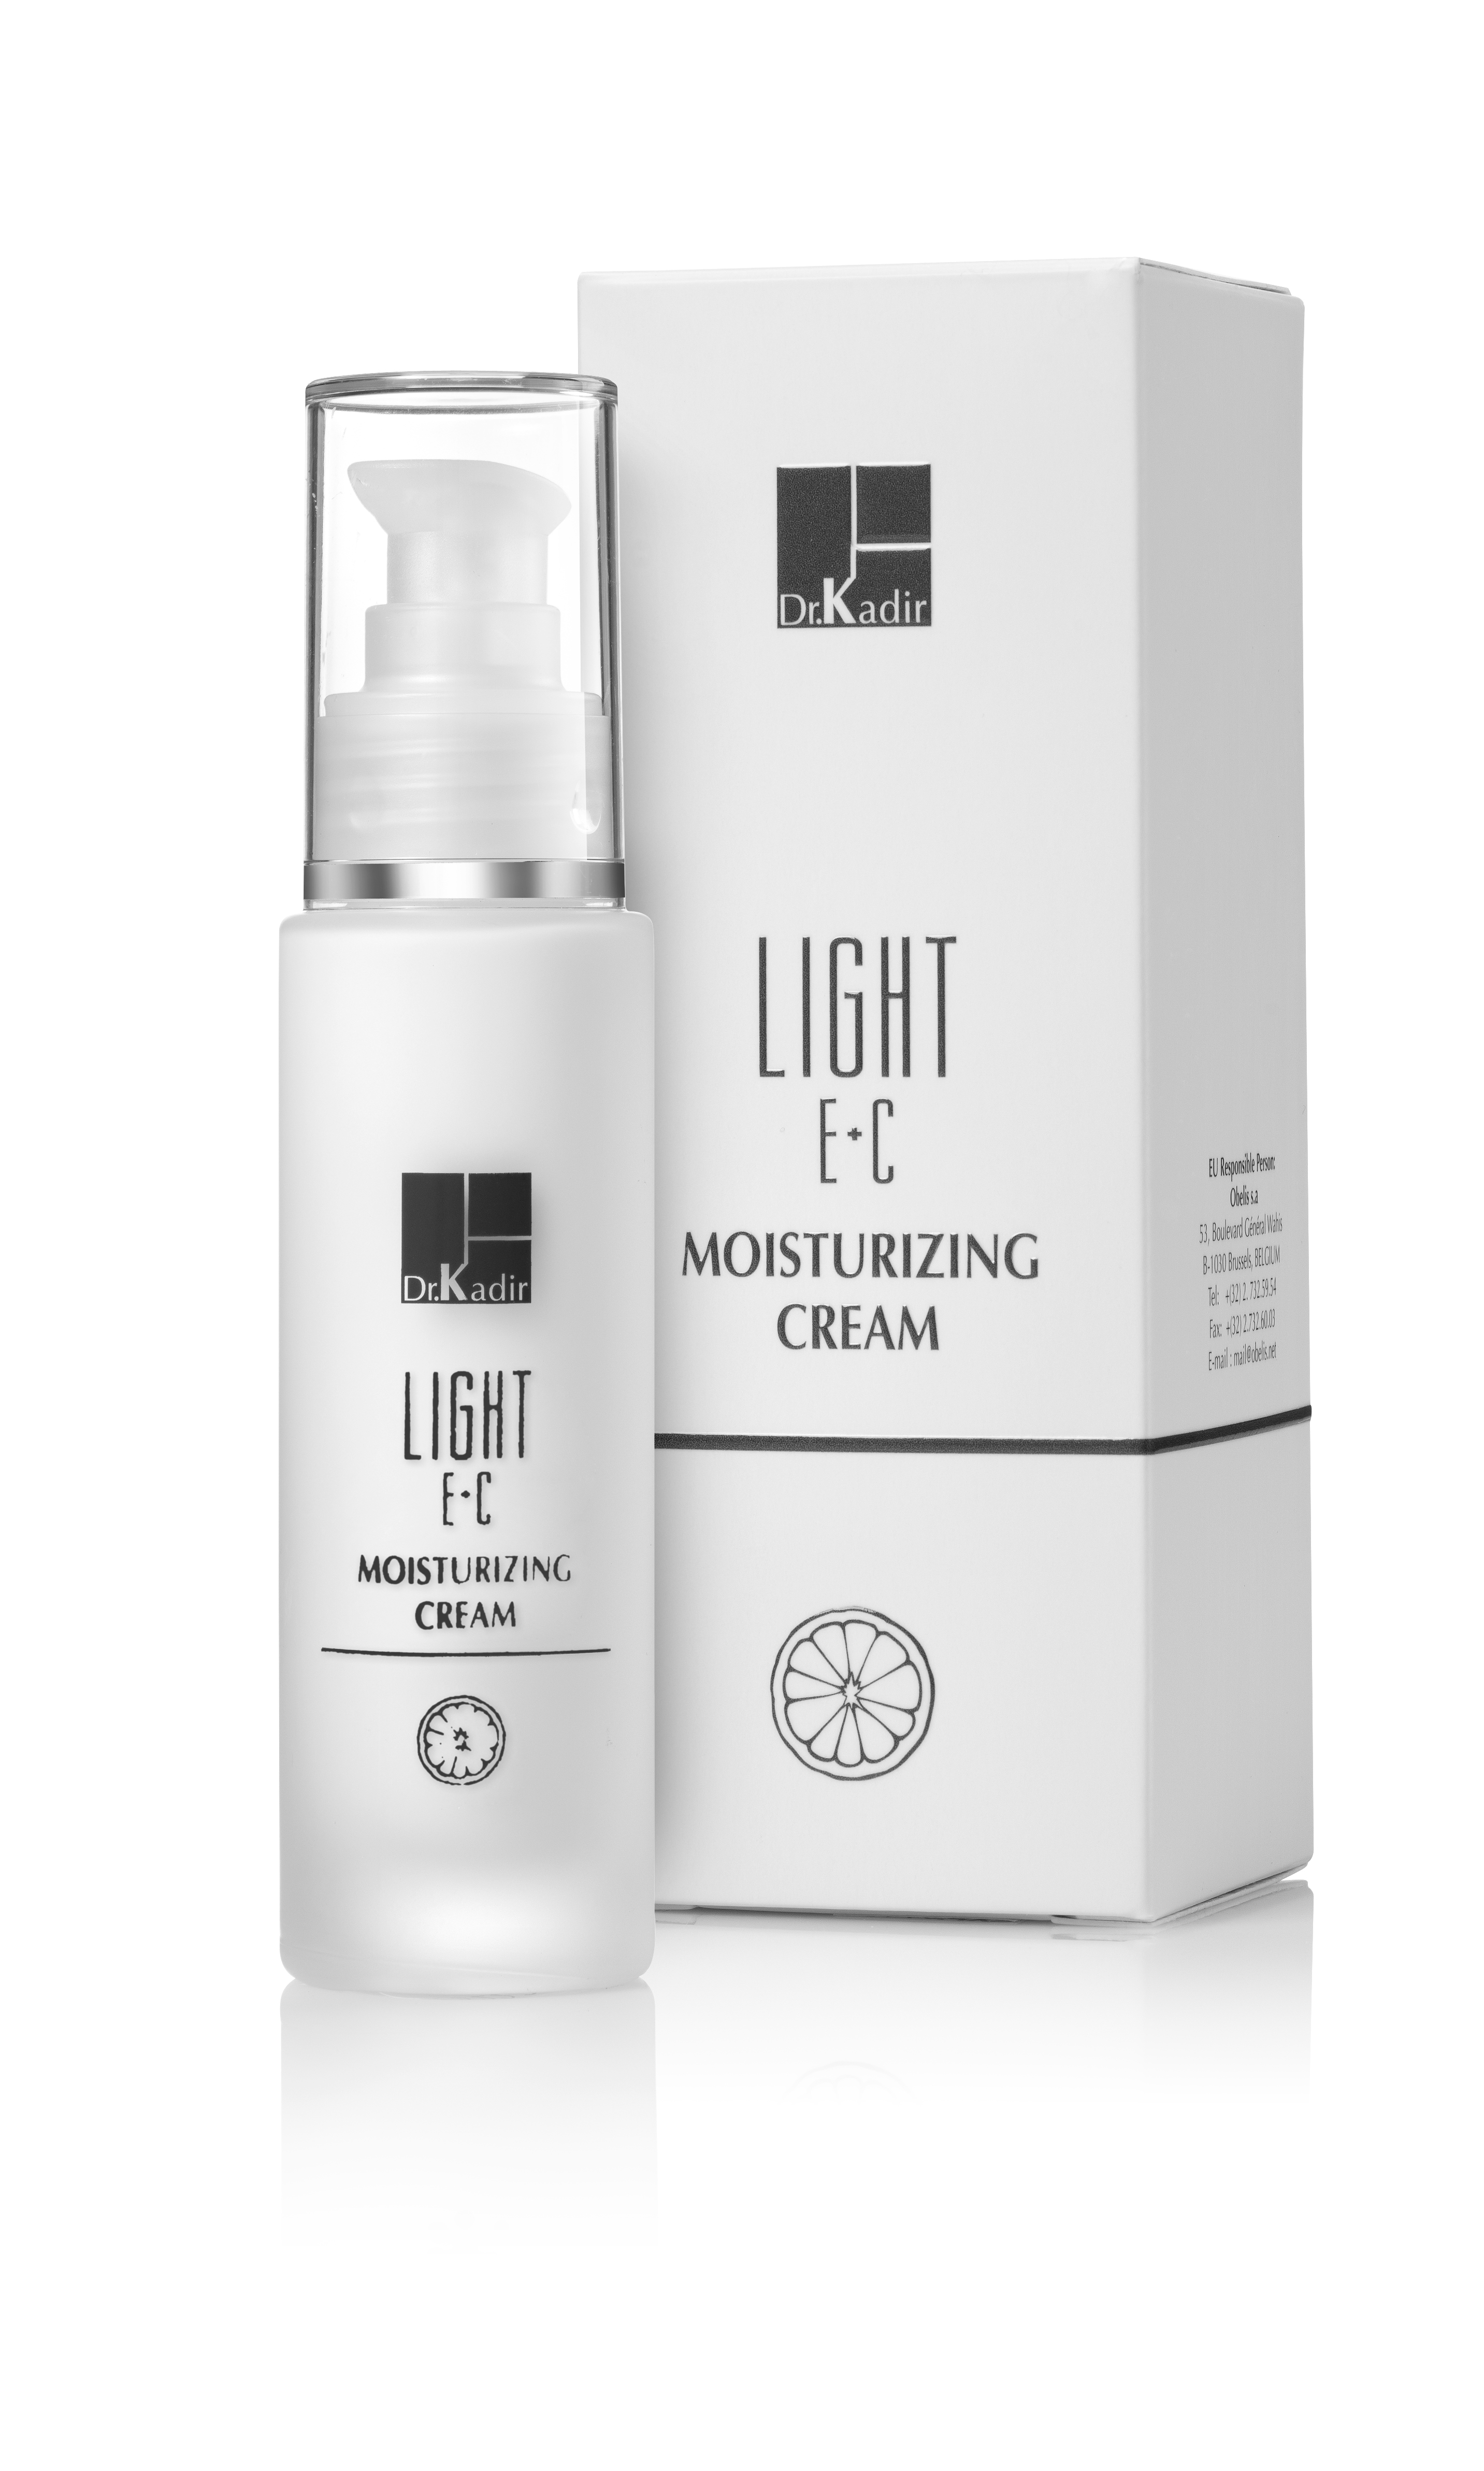 DR KADIR Крем увлажняющий c витаминами Е+С / LIGHT E+C 50млКремы<br>Light E+C Moisturizer Cream: Легкий тающий крем на безмасляной (водной) основе.. Обладает сильным антиоксидантным свойством, что делает его незаменимым при осветлении кожи, увеличивает синтез коллагена в коже и подавляет ферменты ММП. Крем содержит эффективные ингредиенты, защищающие от воздействия УФA и УФB лучей SPF15. Прекрасно увлажняет кожу, быстро впитывается, оставляя кожу нежной и благоухающей. Активные ингредиенты: витамин Е, витамин С, экстракт кактуса опунция фикус-индика. Способ применения: нанести крем тонким слоем на чистую кожу.<br><br>Защита от солнца: None<br>Вид средства для лица: Увлажняющий